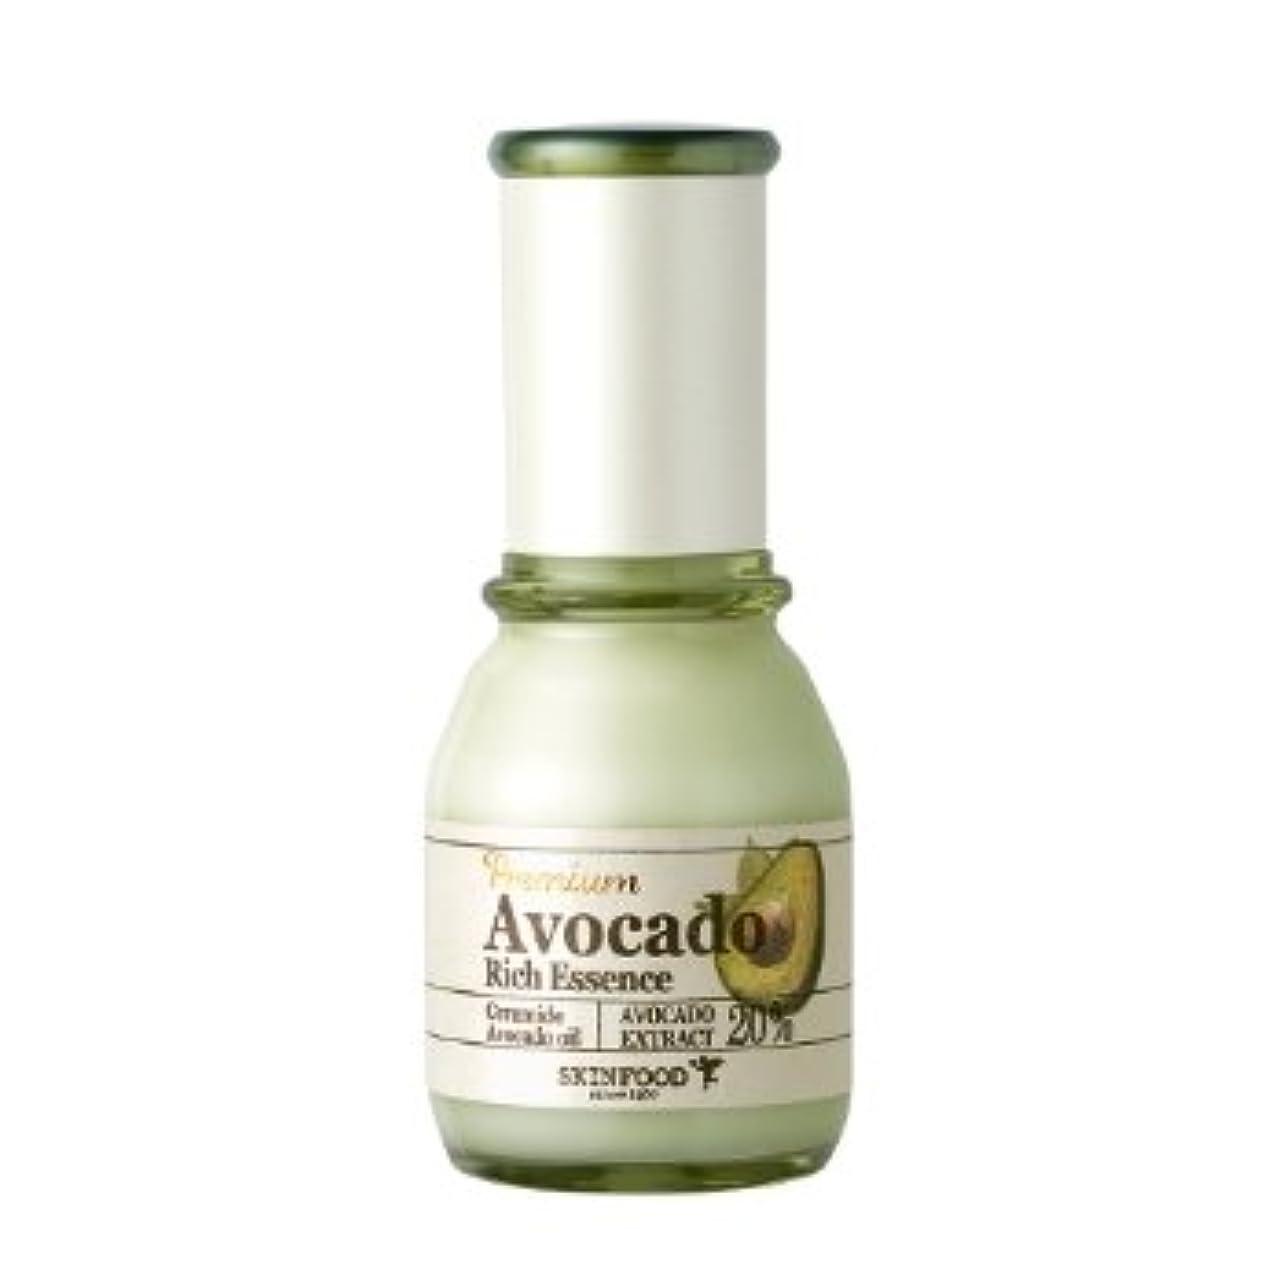 つぶやき困難開始スキンフード [Skin Food] プレミアム アボカド リーチ エッセンス 50ml / Premium Avocado Rich Essence 海外直送品